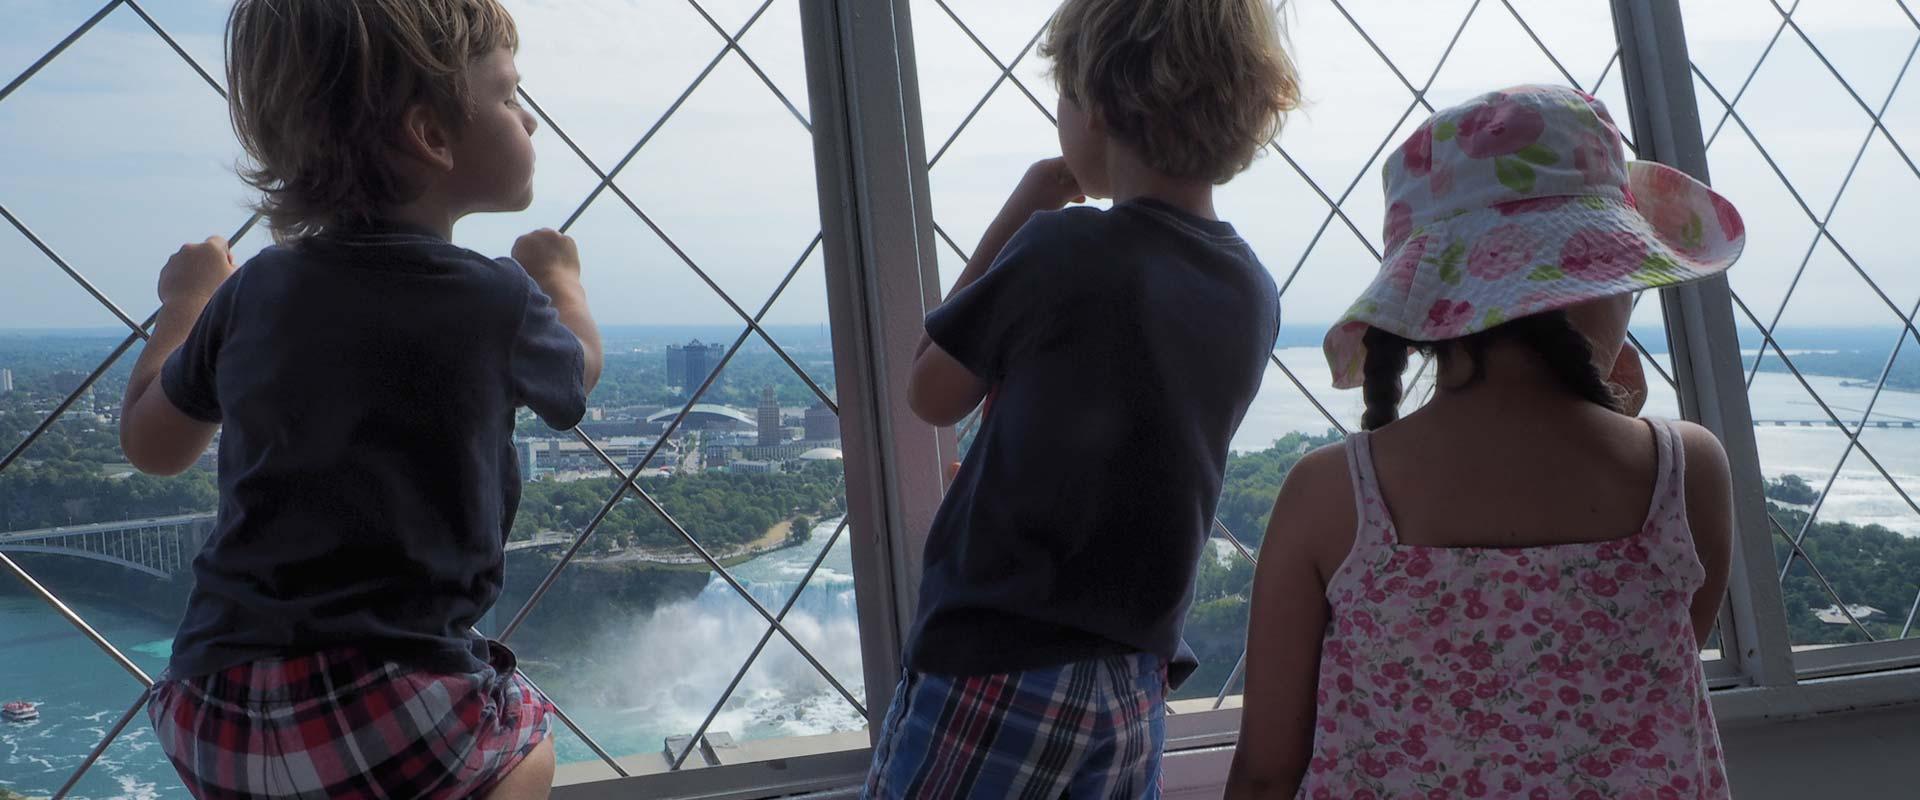 A School Trip to Niagara Falls by Charter Bus